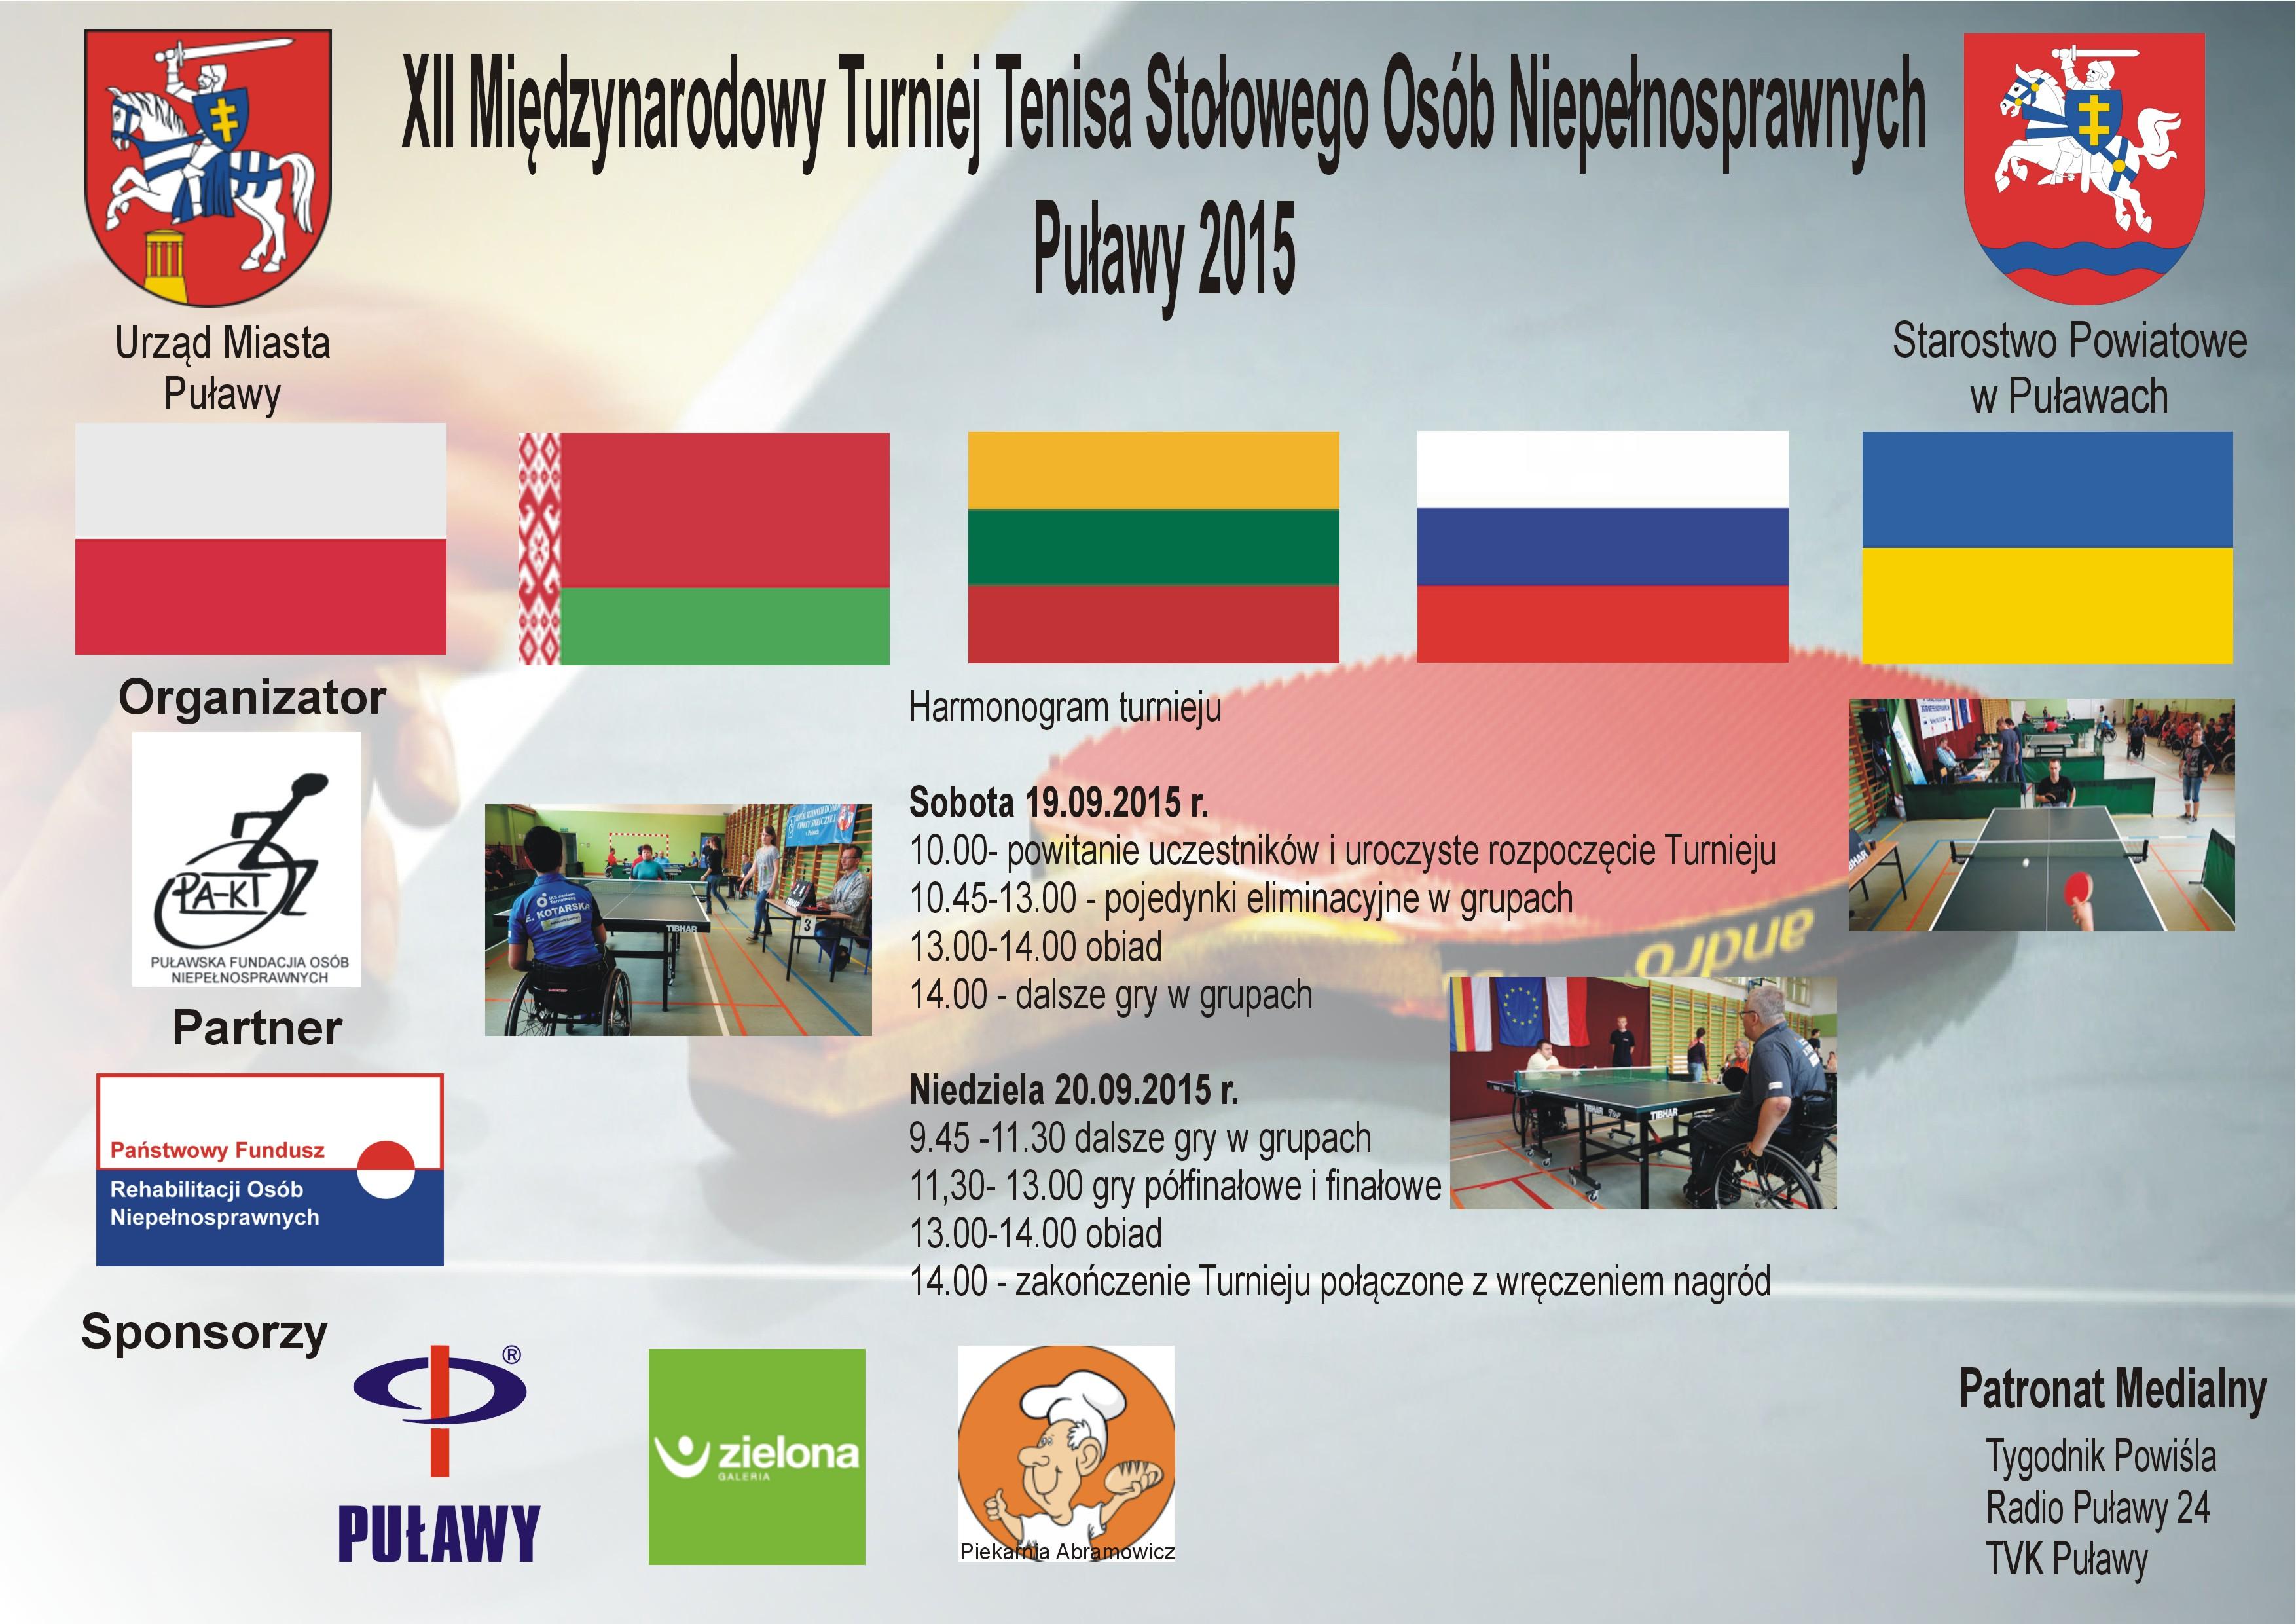 XII Międzynarodowy Turniej Tenisa Stołowego Osób Niepełnosprawnych